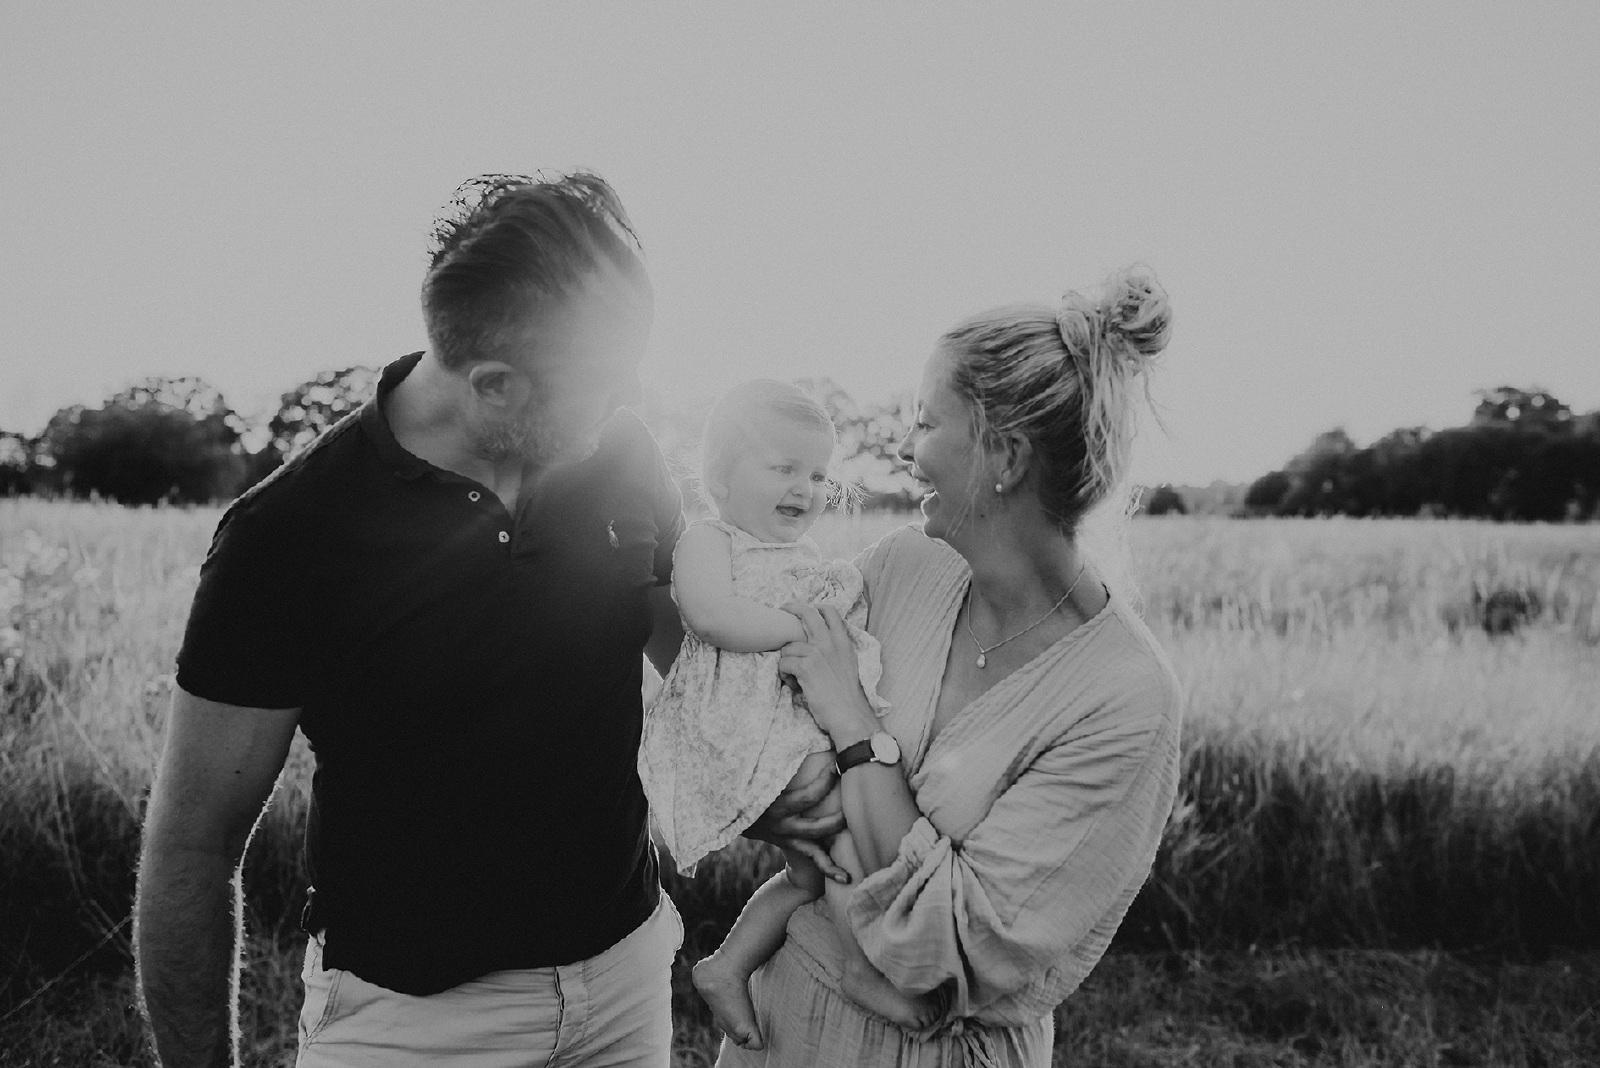 zwart.wit familie fotoshooting met baby in Hengelo